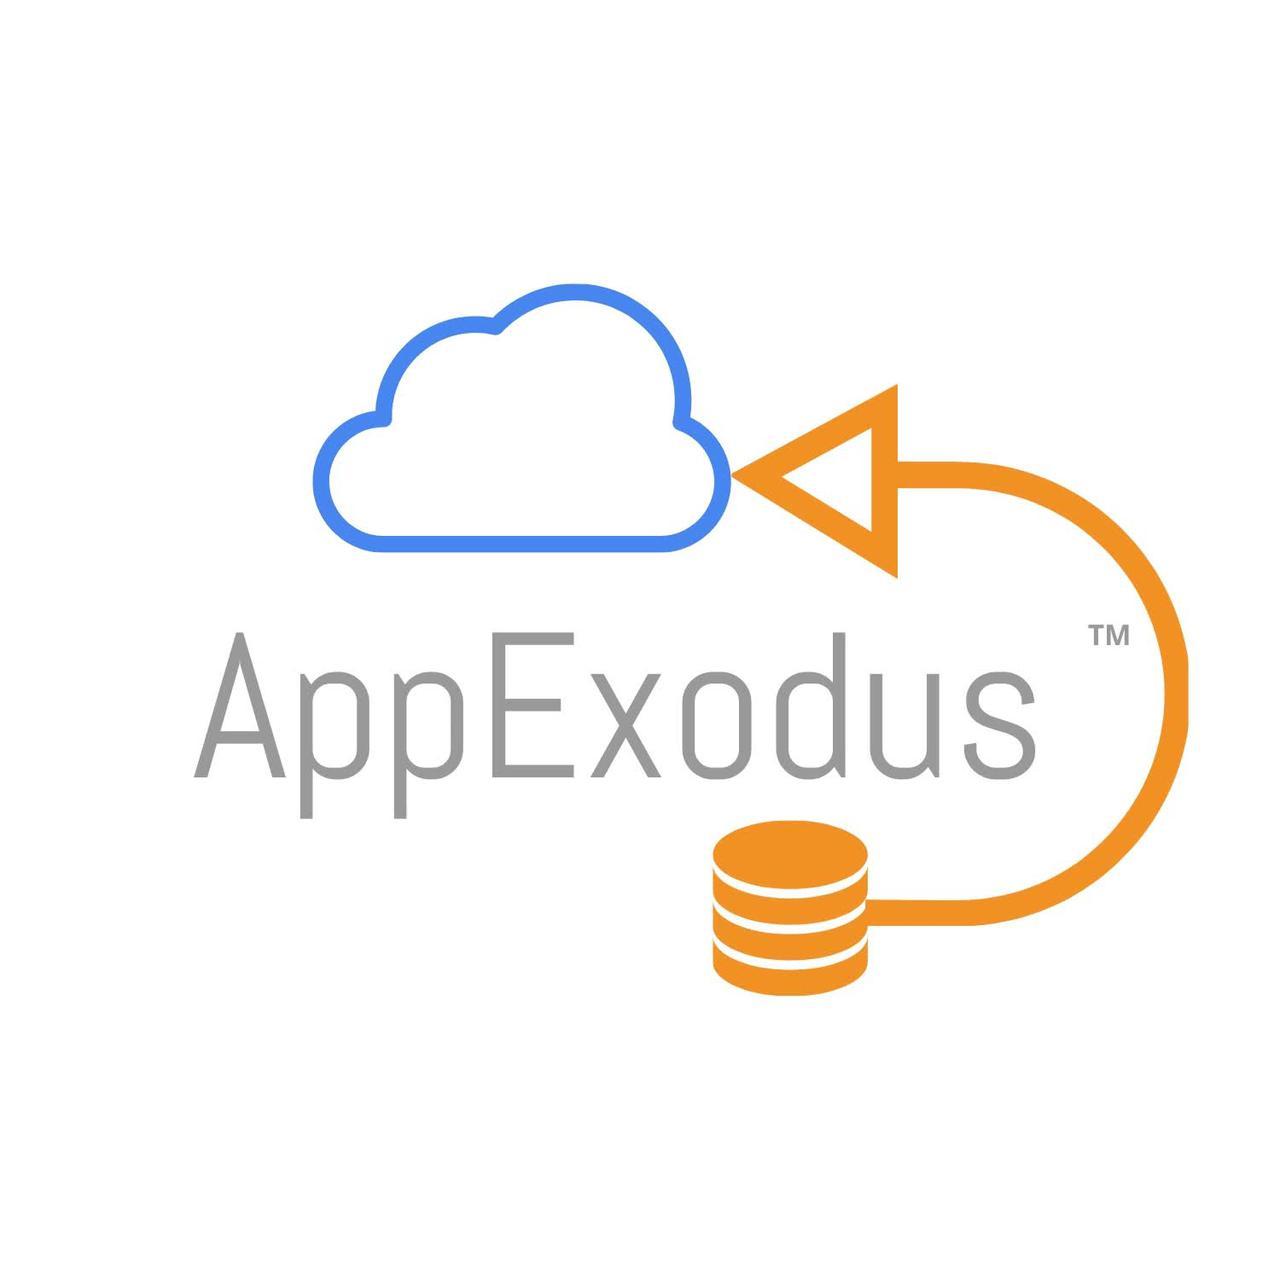 AppExodus